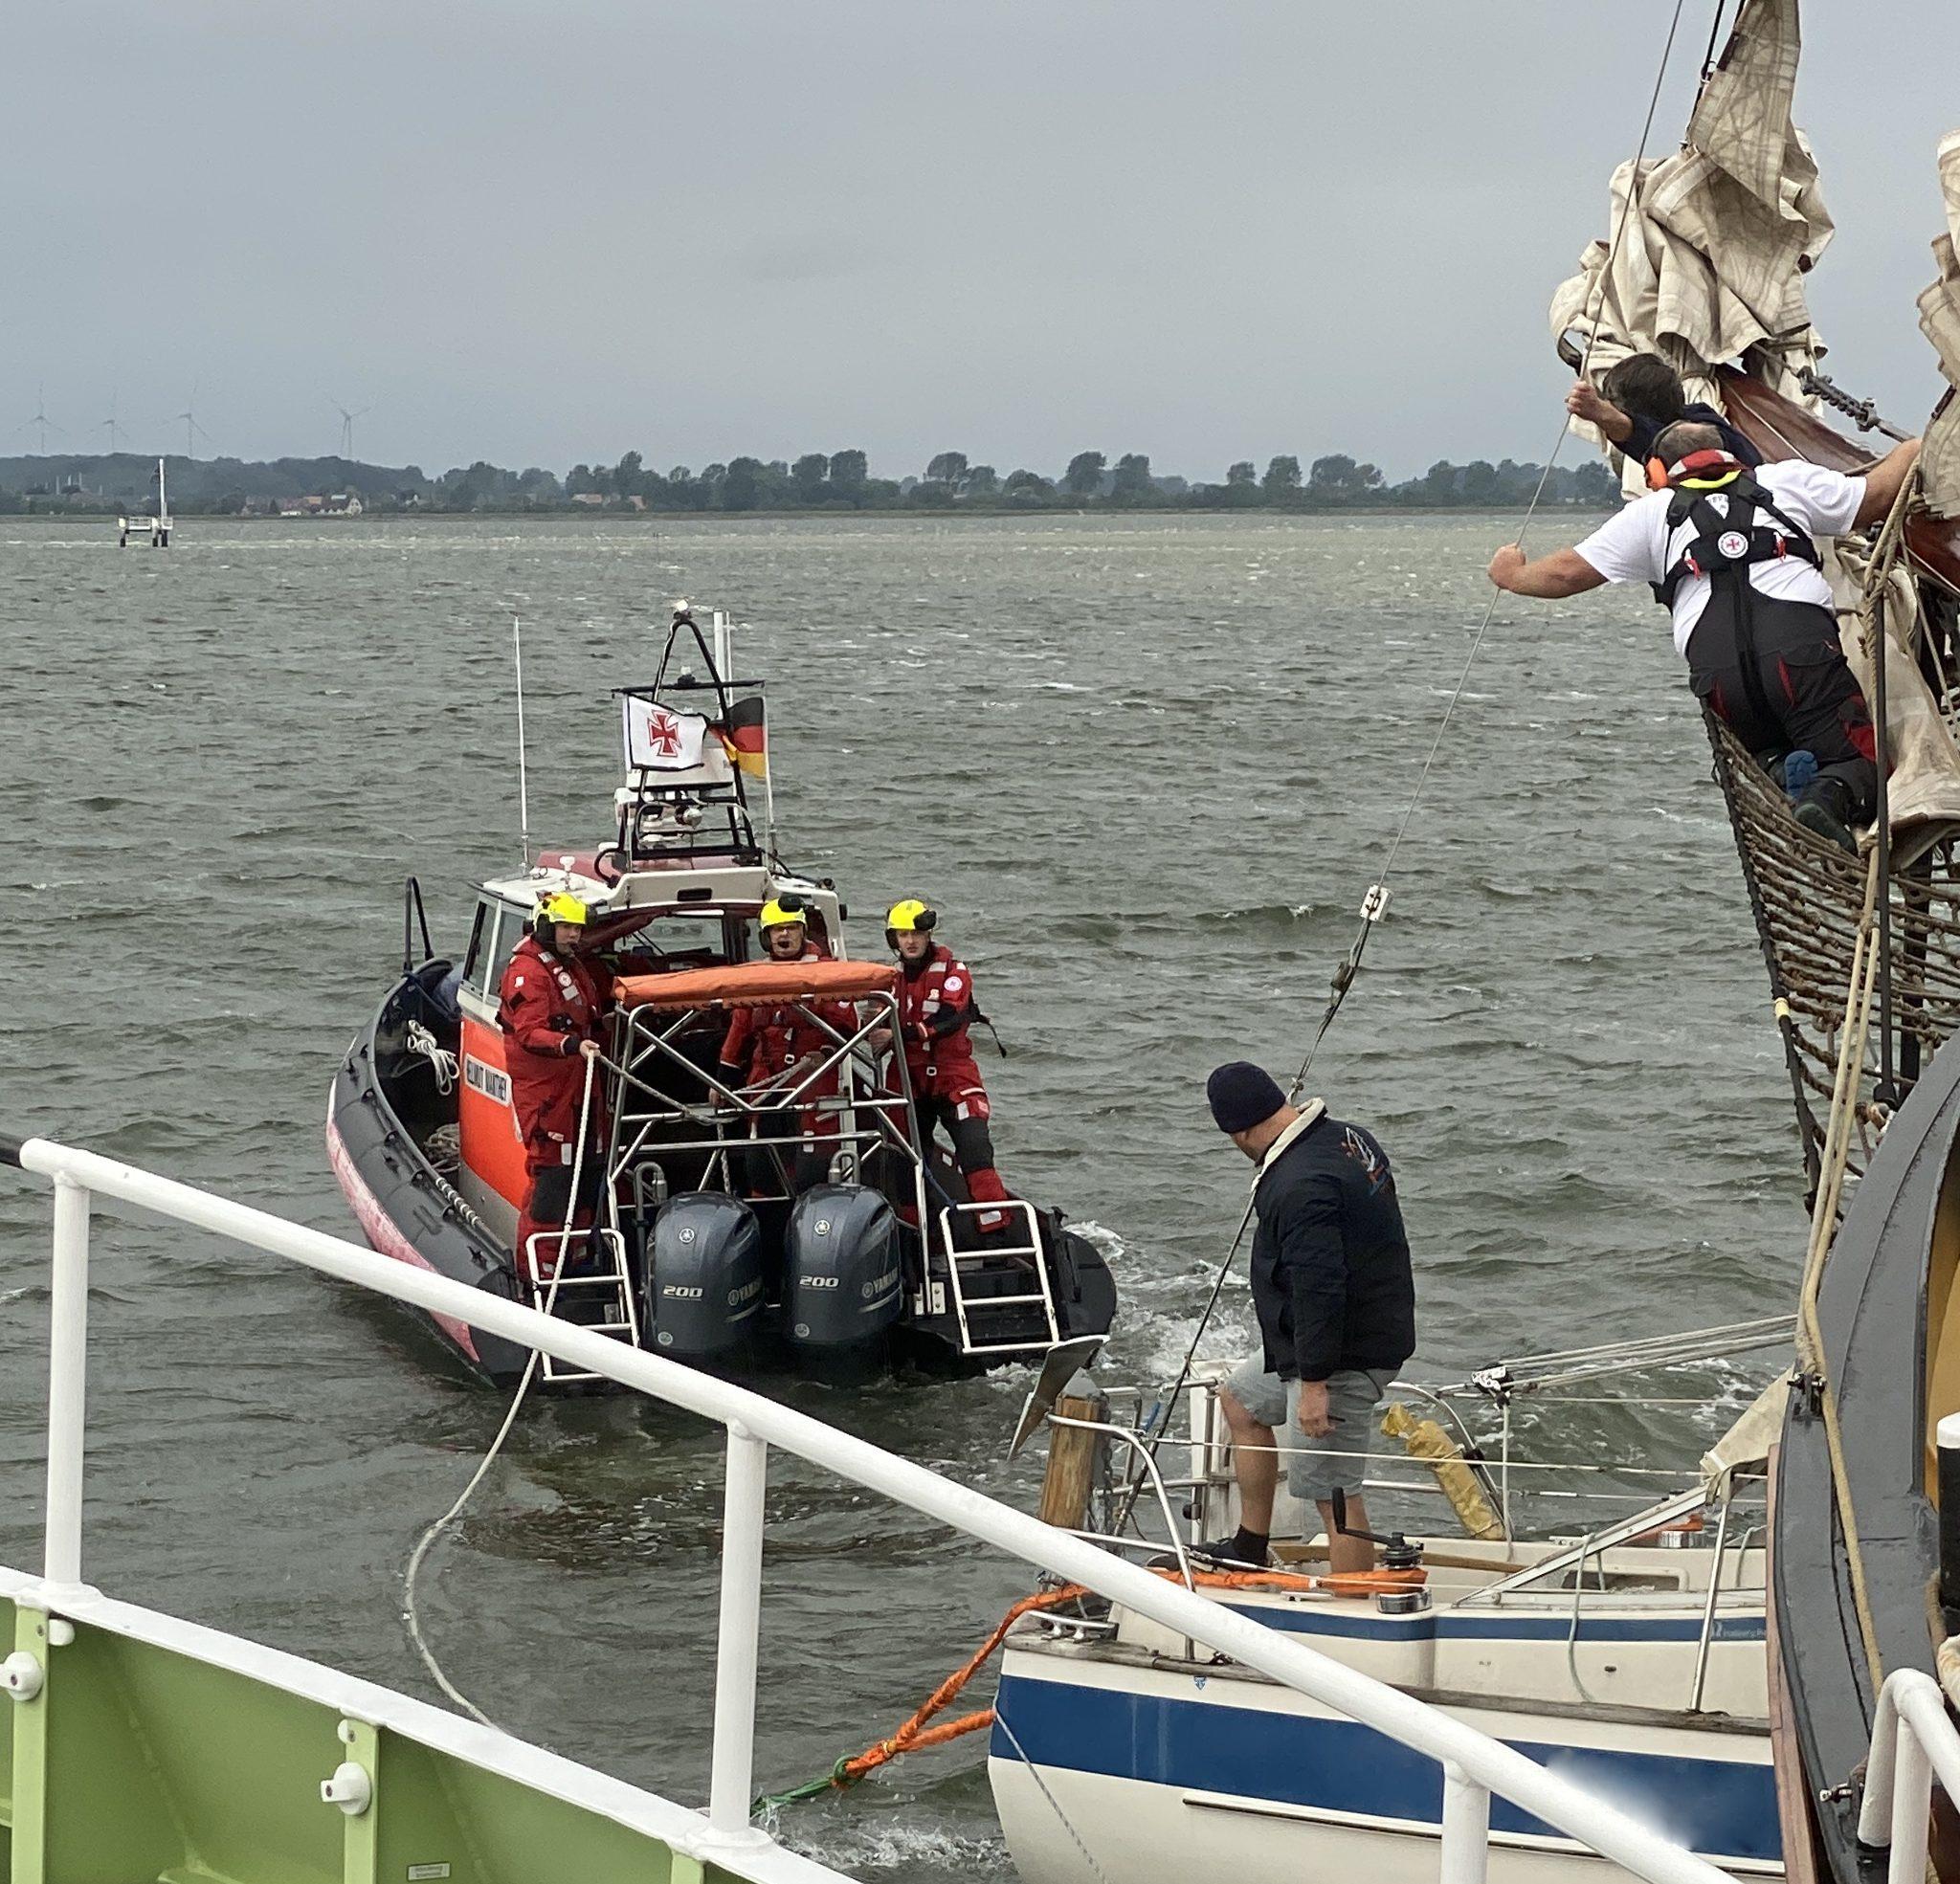 De reddingboot Hellmuth Mantey van de DGzRS maakt vast aan het zeiljacht dat zich heeft vastgevaren onder de boegspriet van de Swaensborgh. (Foto Die Seenotretter DGzRS)